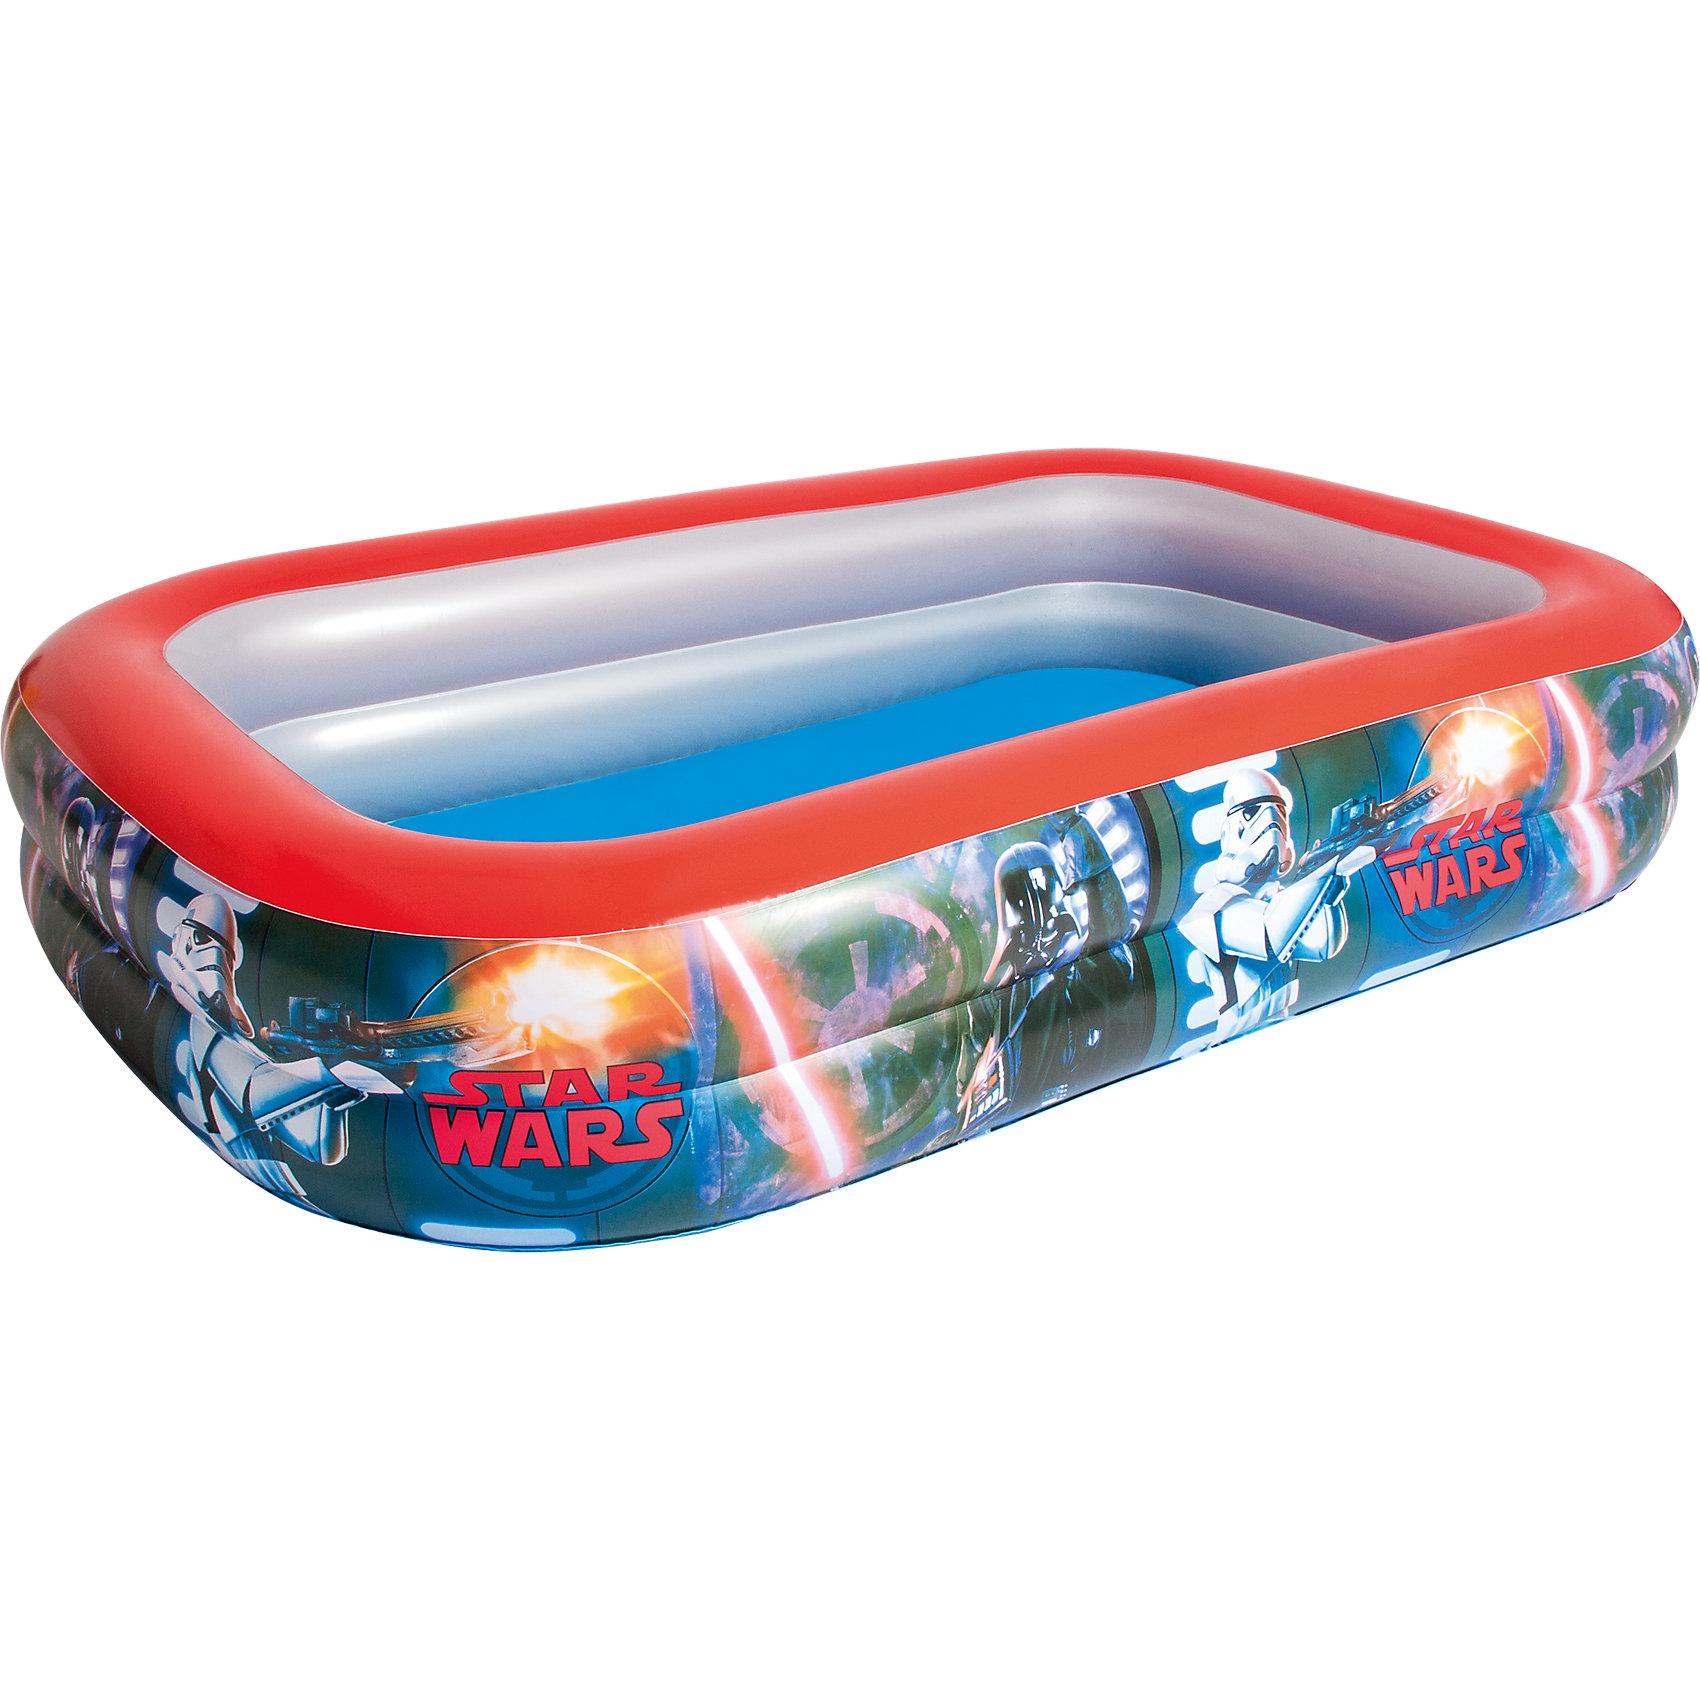 Bestway Прямоугольный бассейн Звёздные войны, Bestway бассейн bestway 457х107см бв57127